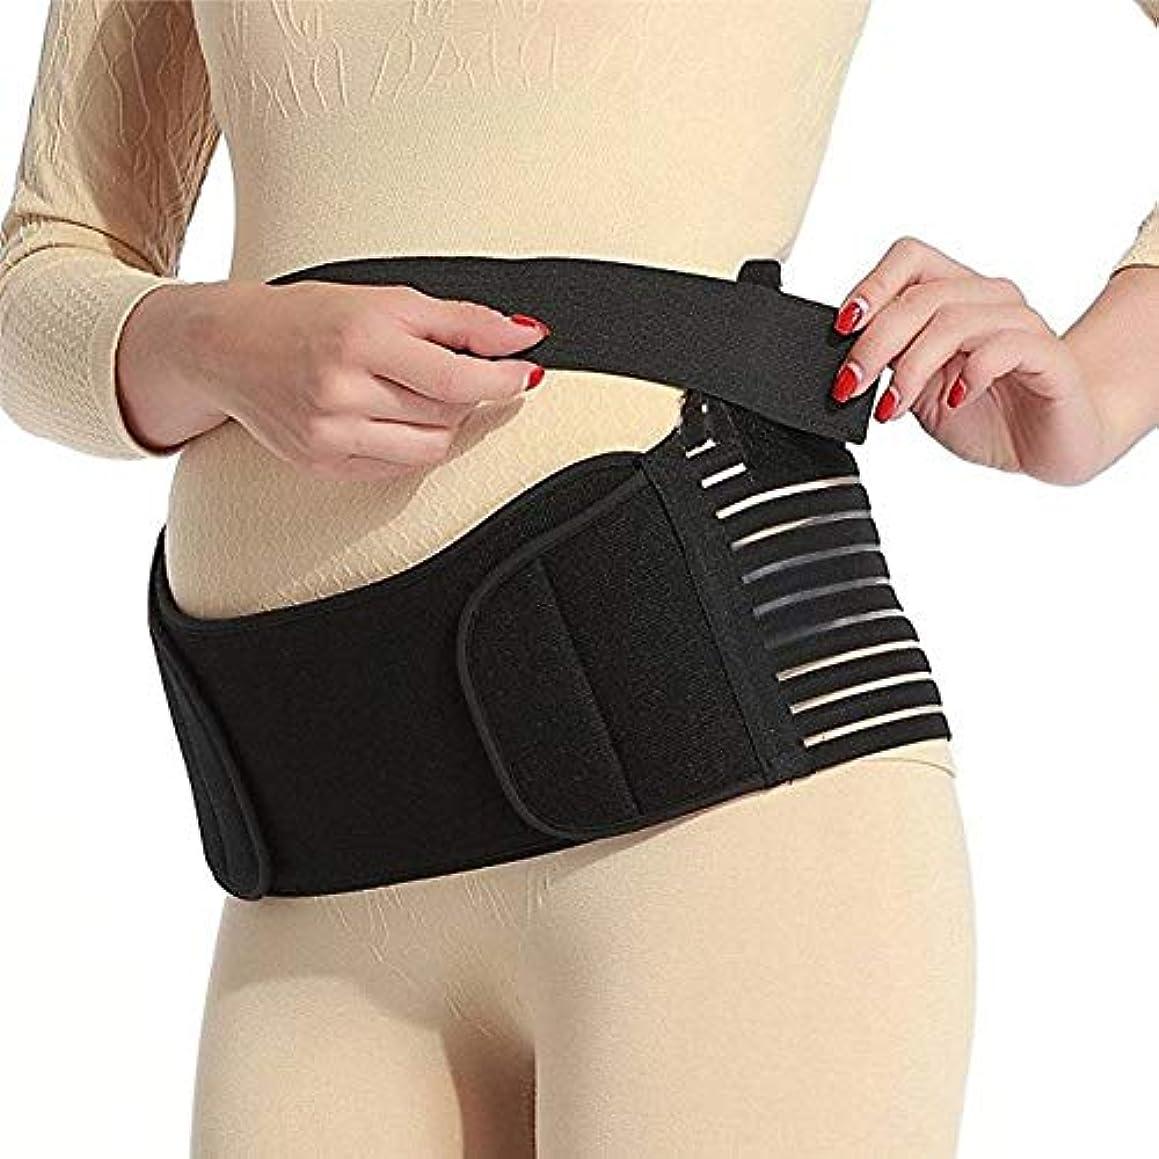 達成するアーサー通気性マタニティベルト妊娠中の腹部サポート腹部バインダーガードル運動包帯産後の回復shapewear - ブラックM